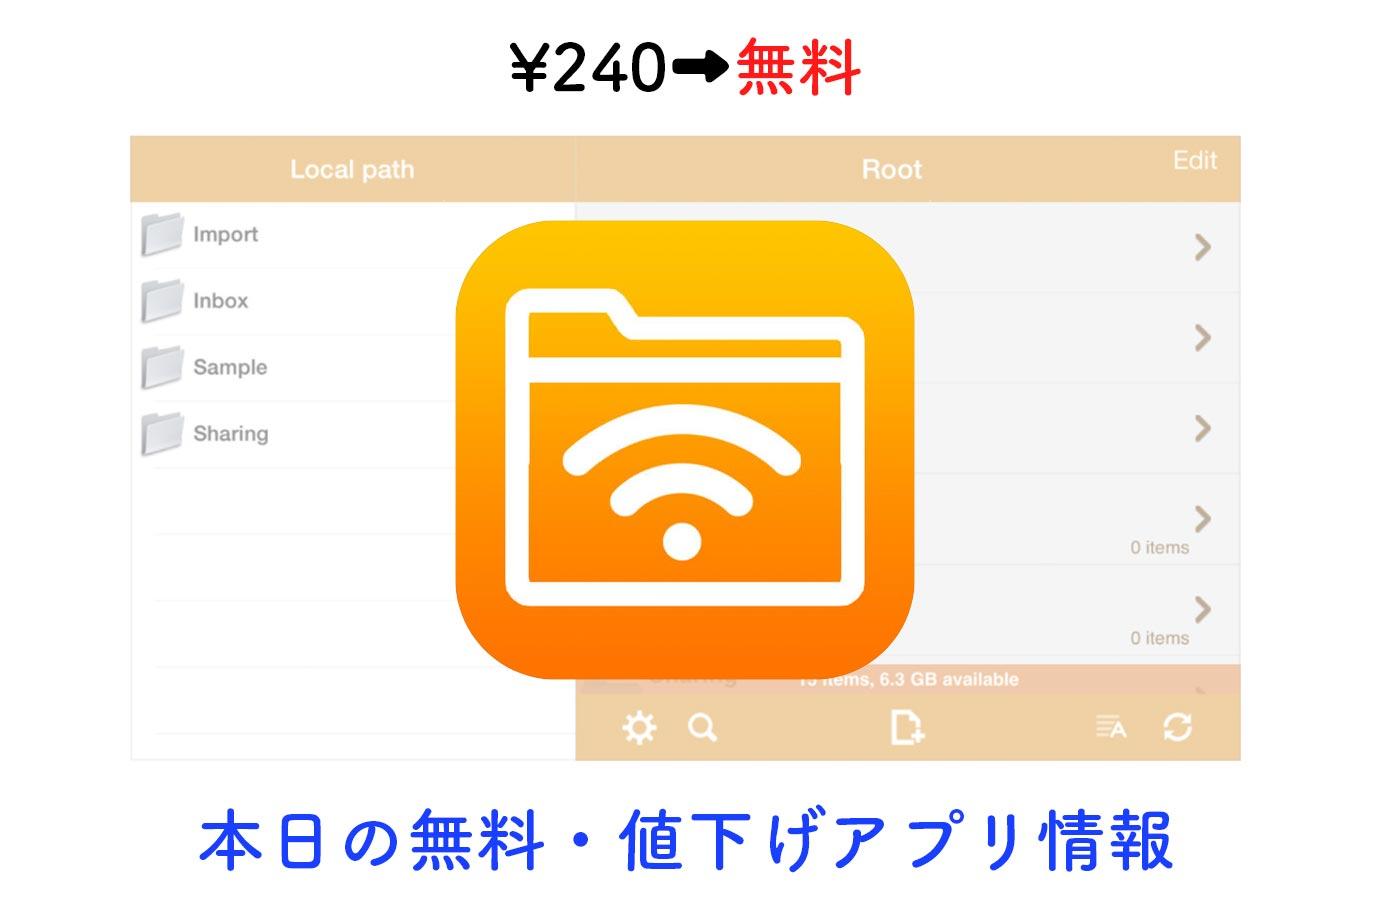 ¥240→無料、iPhoneをワイヤレスフラッシュドライブにできる「AirDisk Pro」など【1/26】本日の無料・値下げアプリ情報